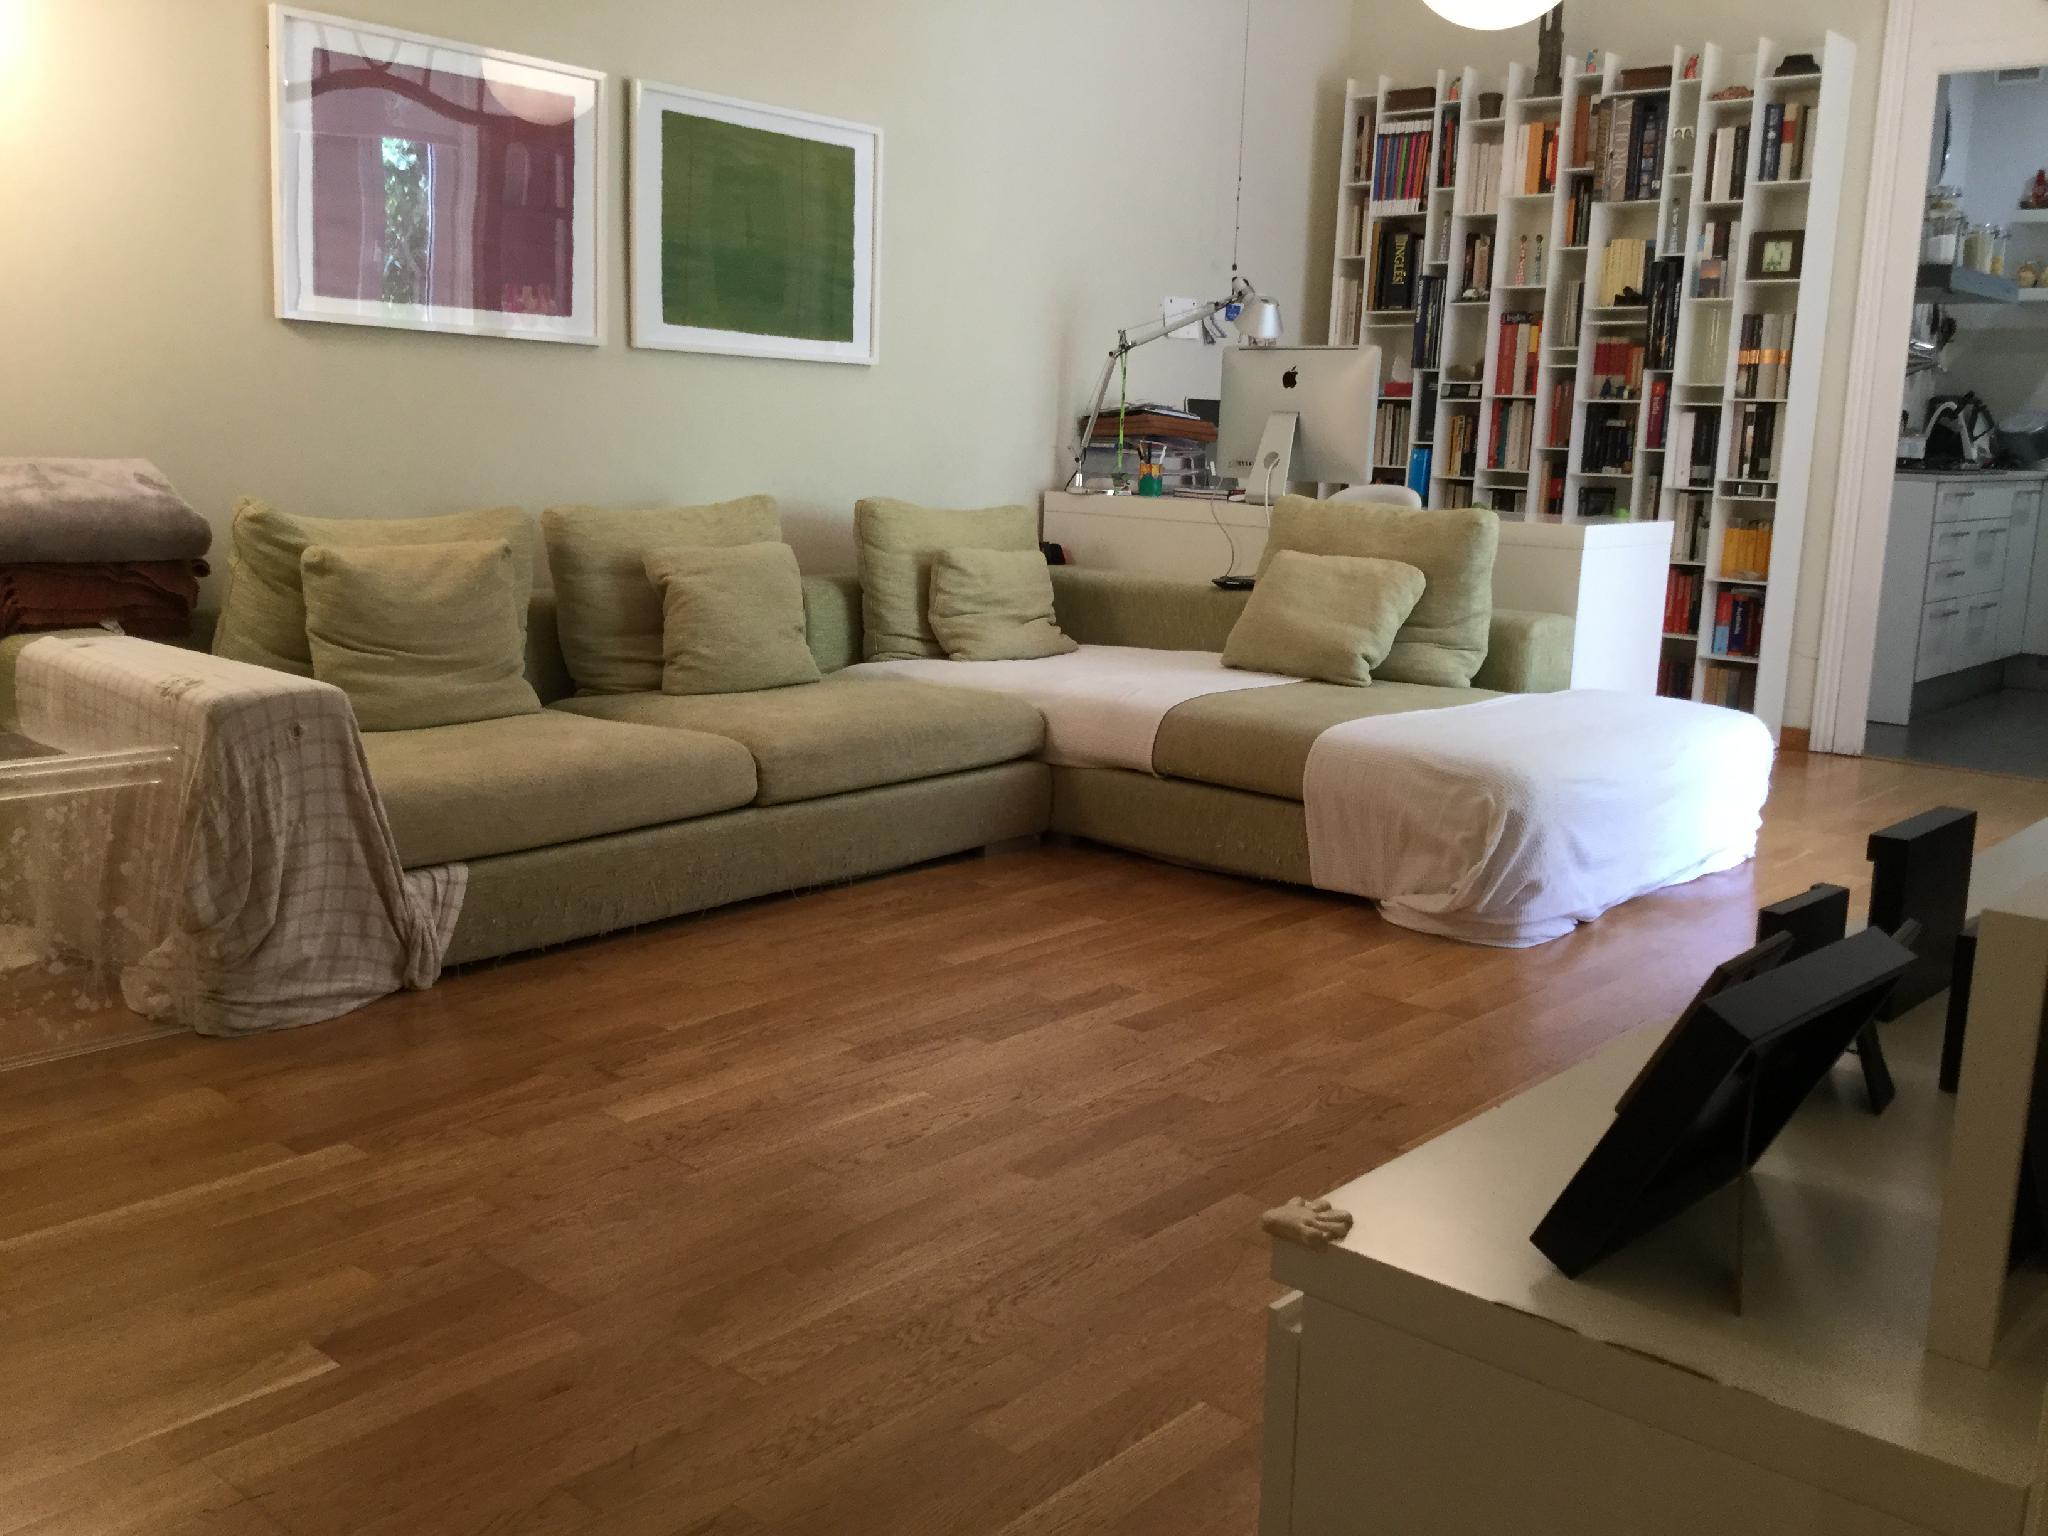 Por cuanto puedo vender mi piso top foto una de las puertas tapiadas en un piso de entrevas - Por cuanto puedo vender mi casa ...